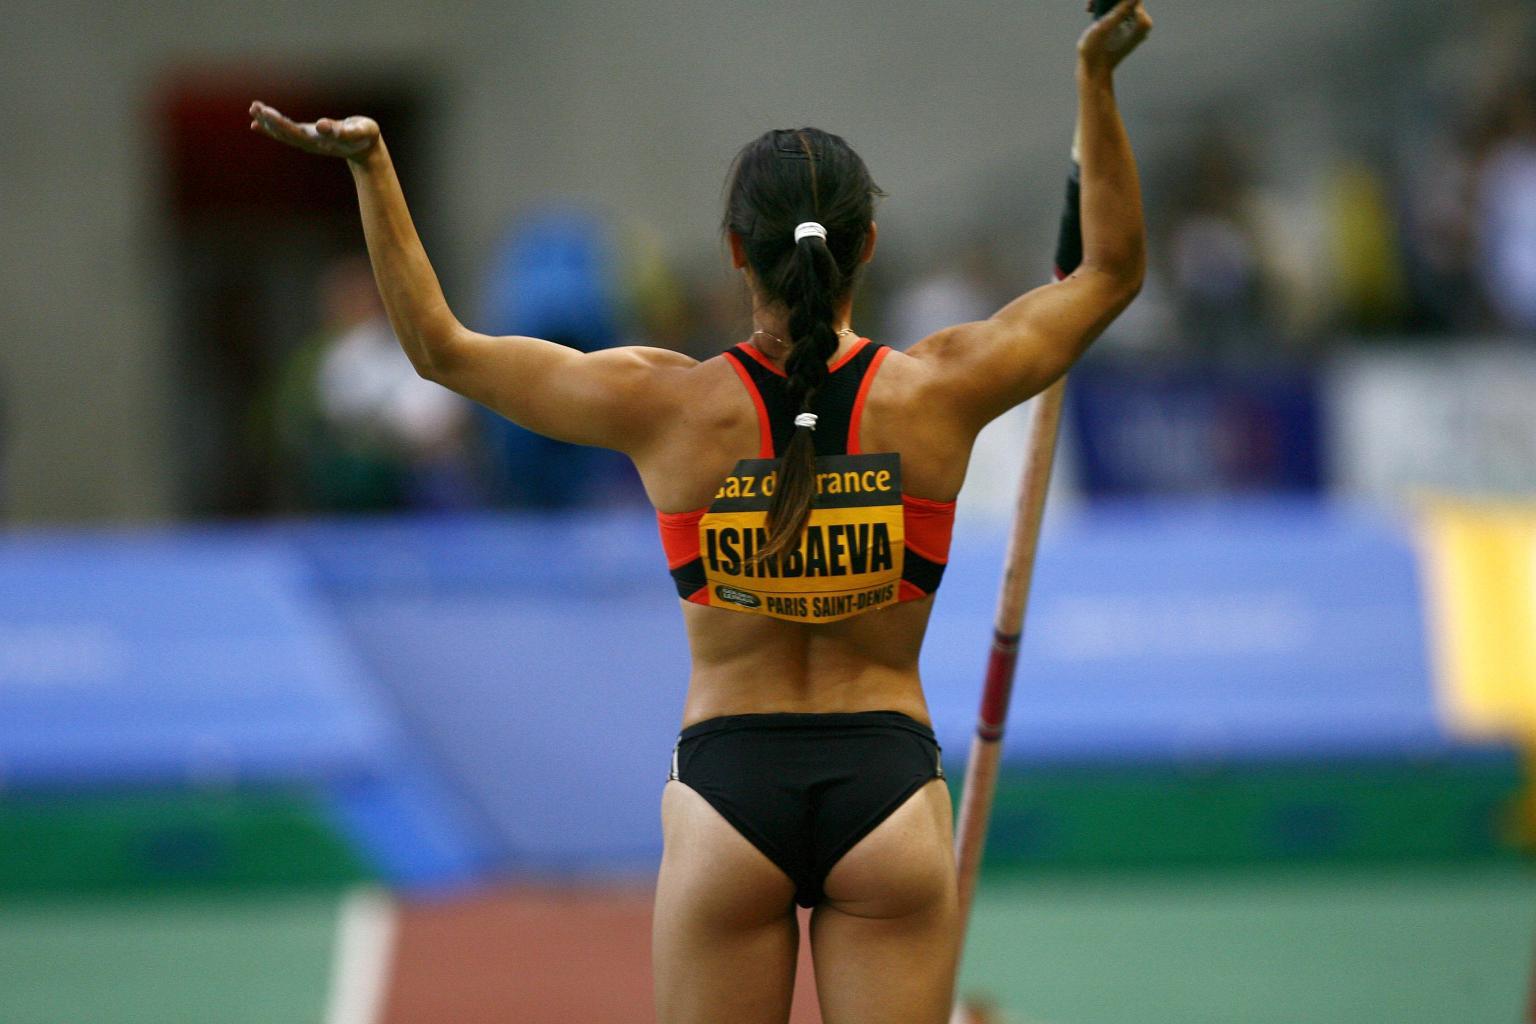 http://3.bp.blogspot.com/-7N6y2NQjAm0/T5WE7cj2fLI/AAAAAAAAA7E/9SLbs2WvbH4/s1600/Yelena+Isinbayeva+Hot+Photos_3.jpg